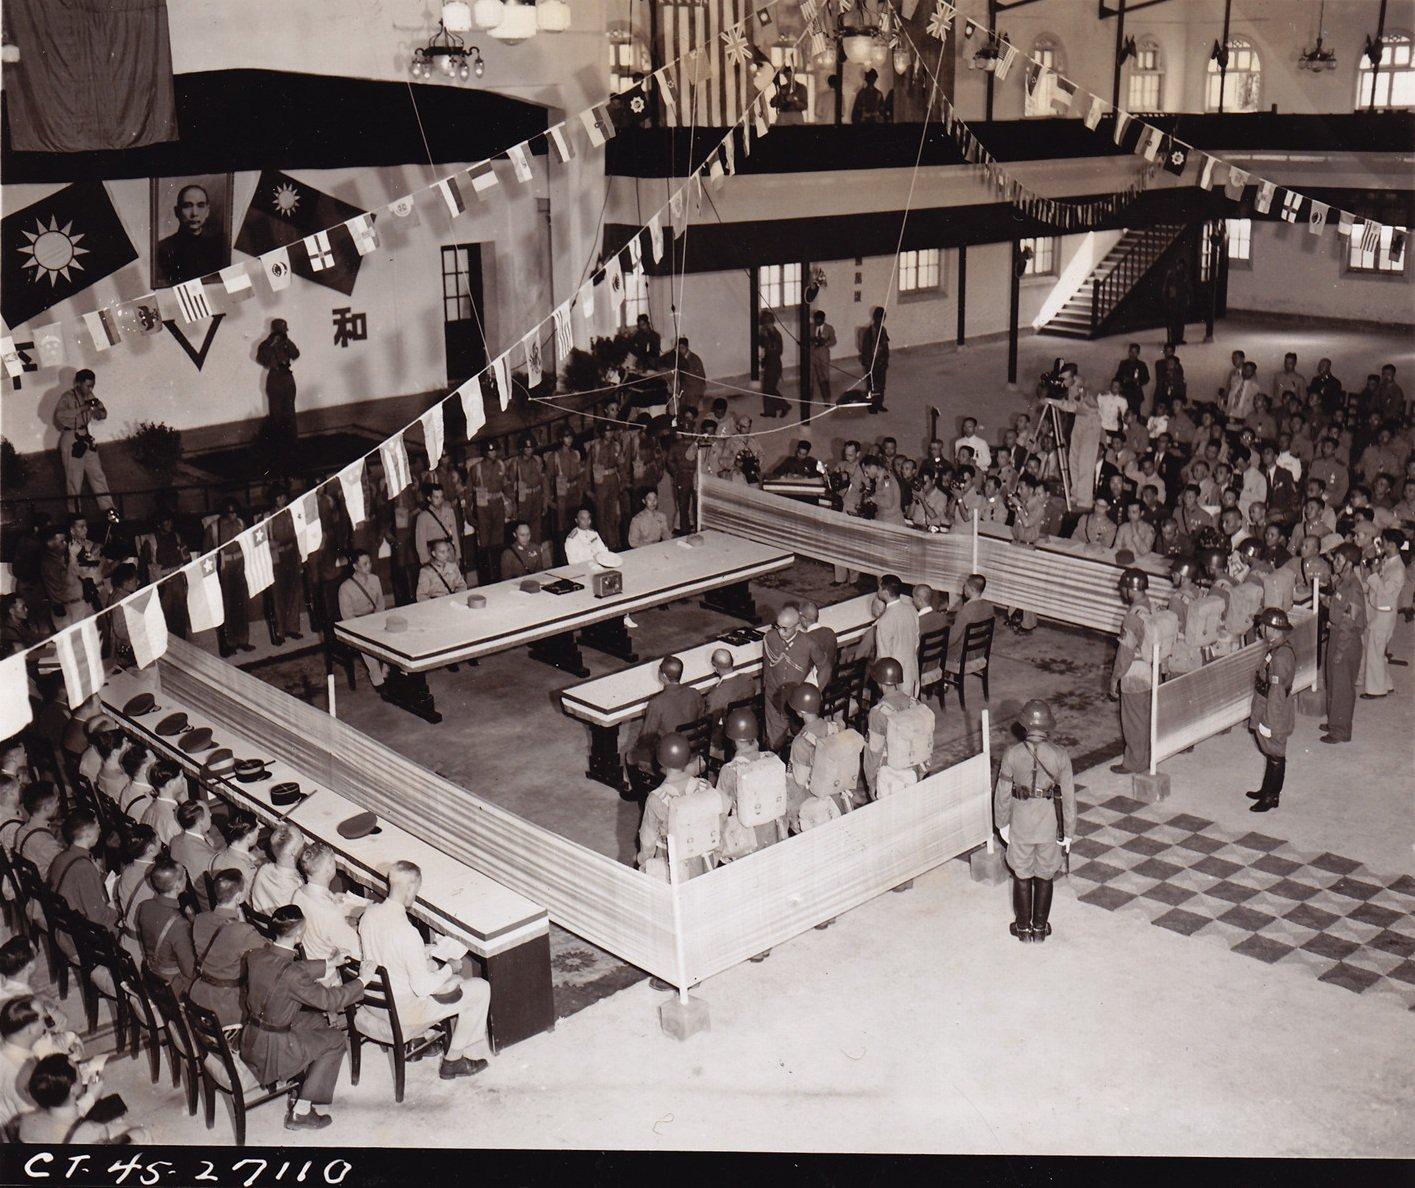 日军签署投降书的全景。洛布中尉拍摄于南京中央军校礼堂的二层环廊上,1945年9月9日。